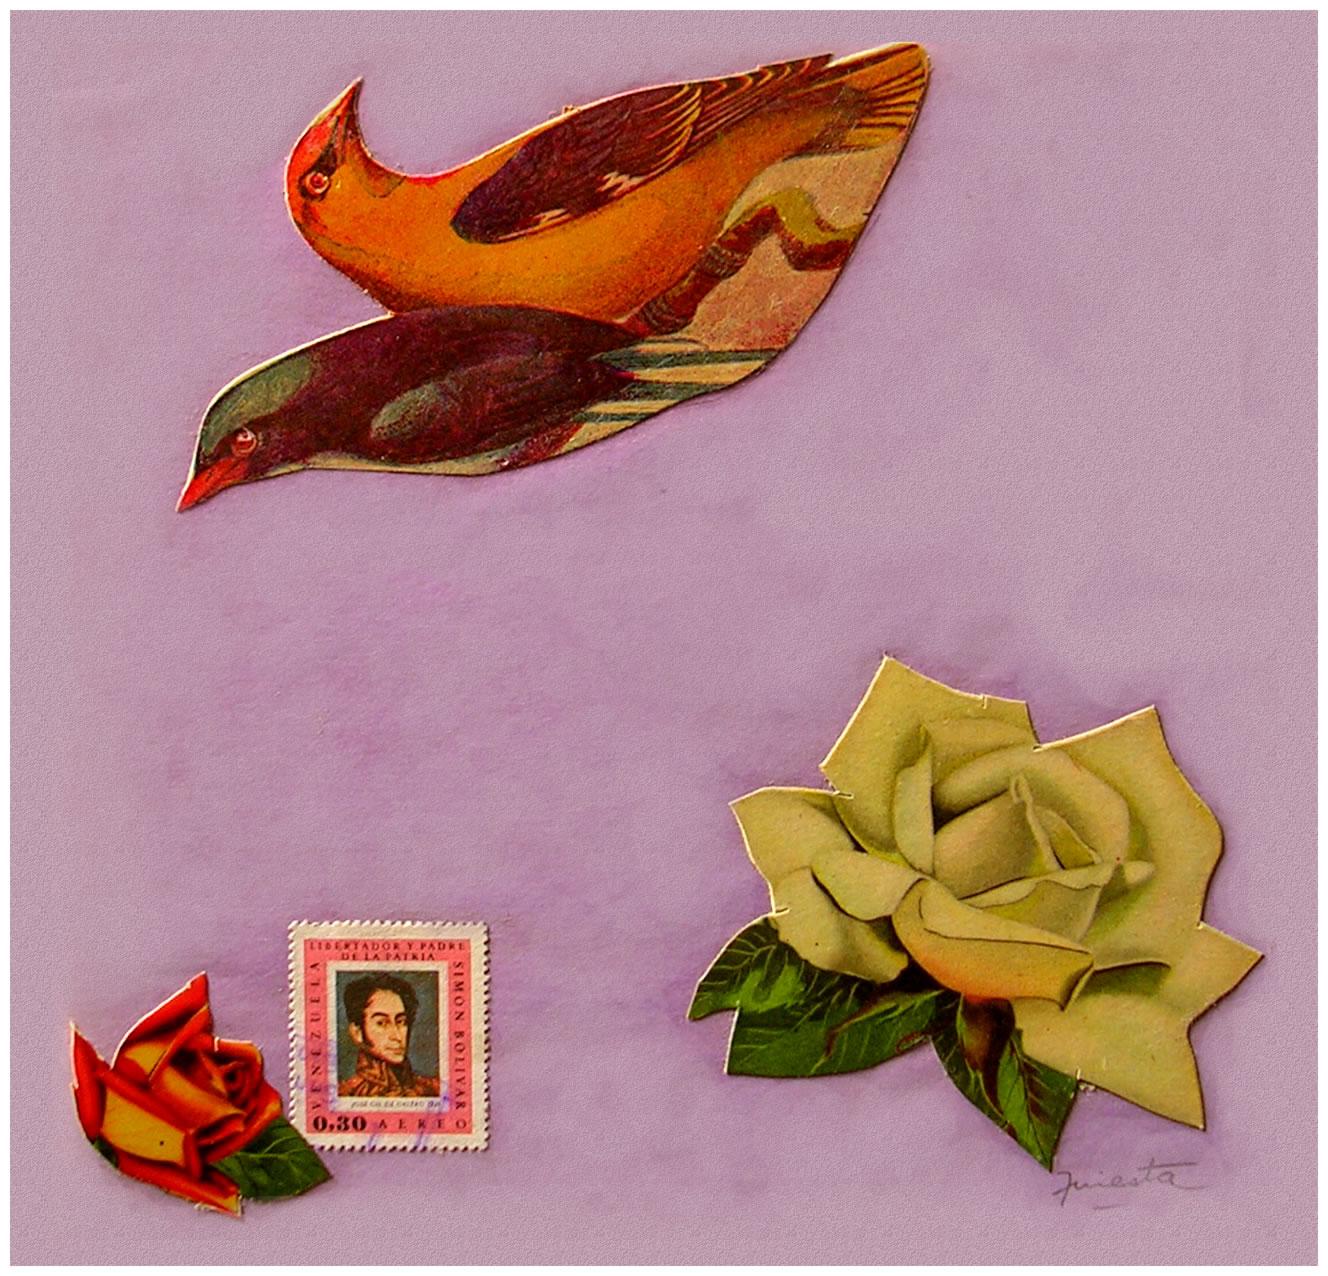 Pájaros y rosas,  papel collage, 15 cm x 15 cm, 1999